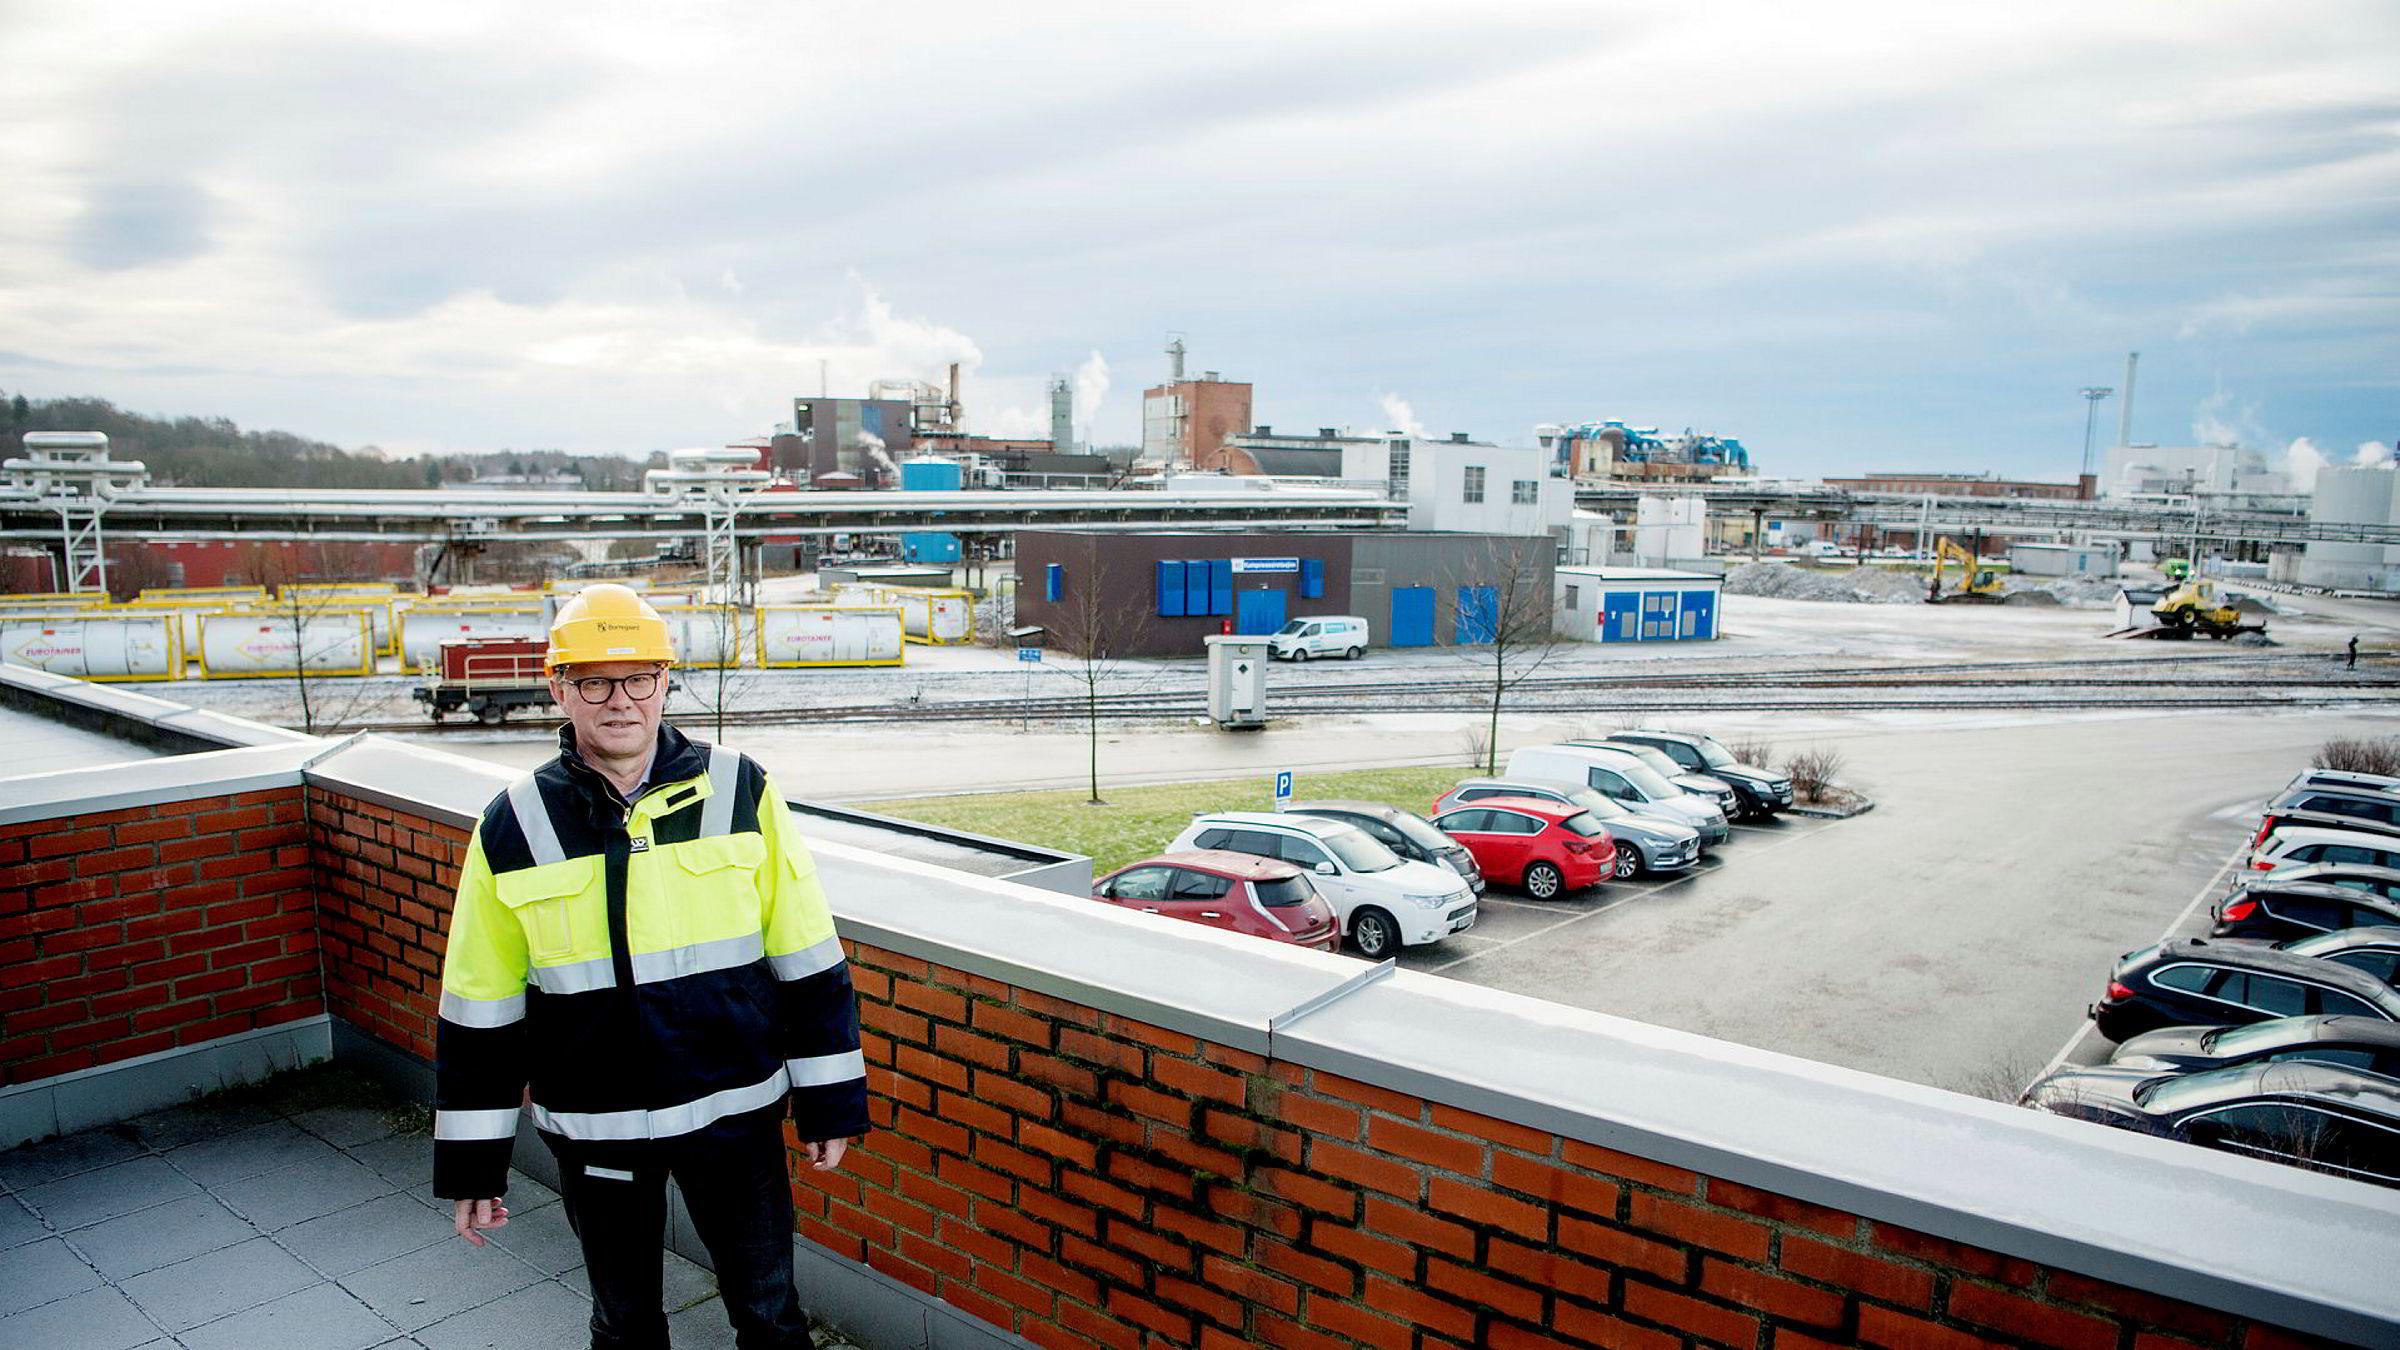 Administrerende direktør Per A. Sørlie i Borregaard er fornøyd med salgsvekst for visse produkter, selv om prisskvis driver resultatet ned.